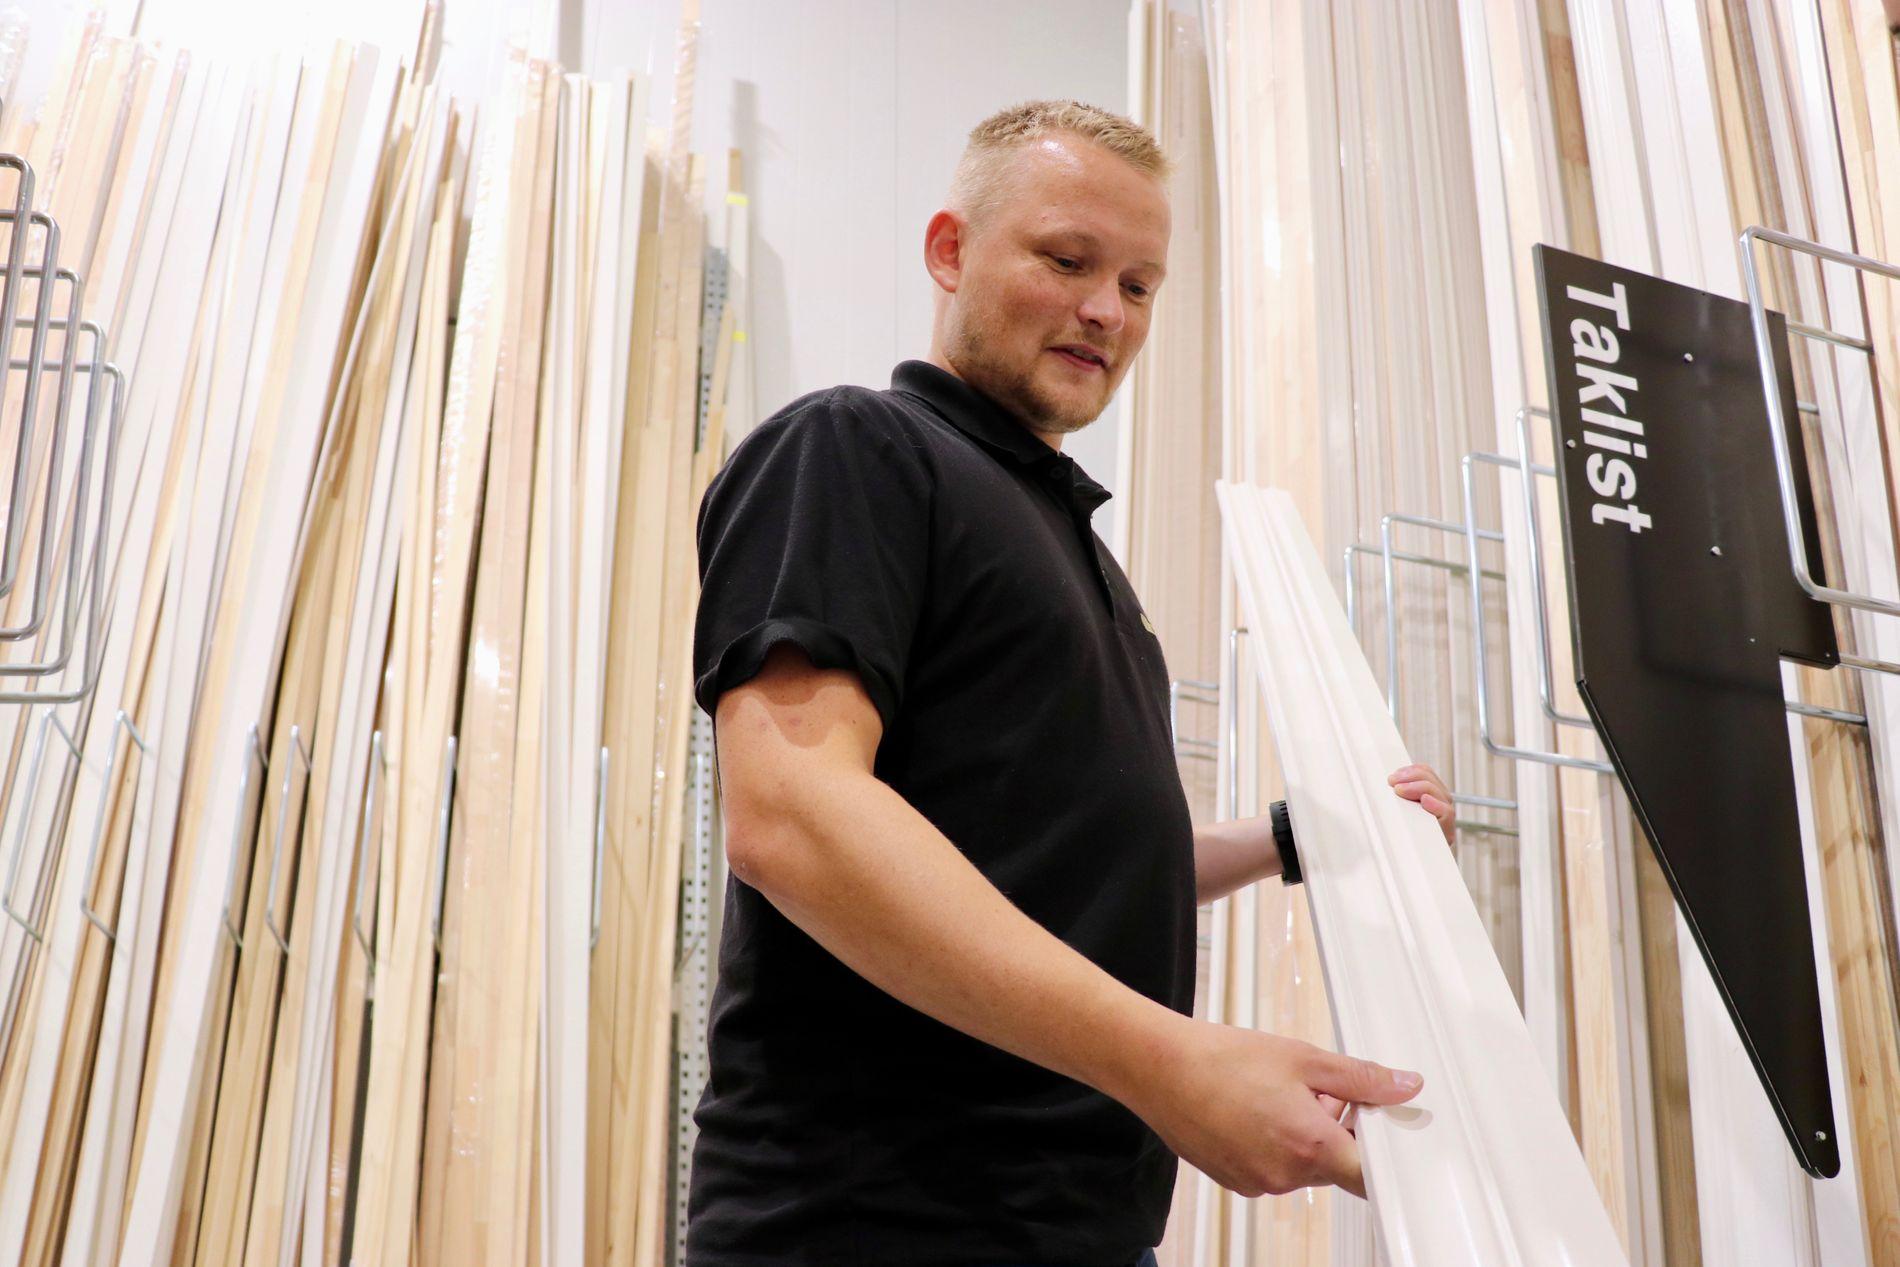 Butikkansvarlig Tor Henning Erdal er en av spesialistene på lister hos Montér i Åsane. De fleste listene er laget av furu fra Norge, Sverige eller Latvia.